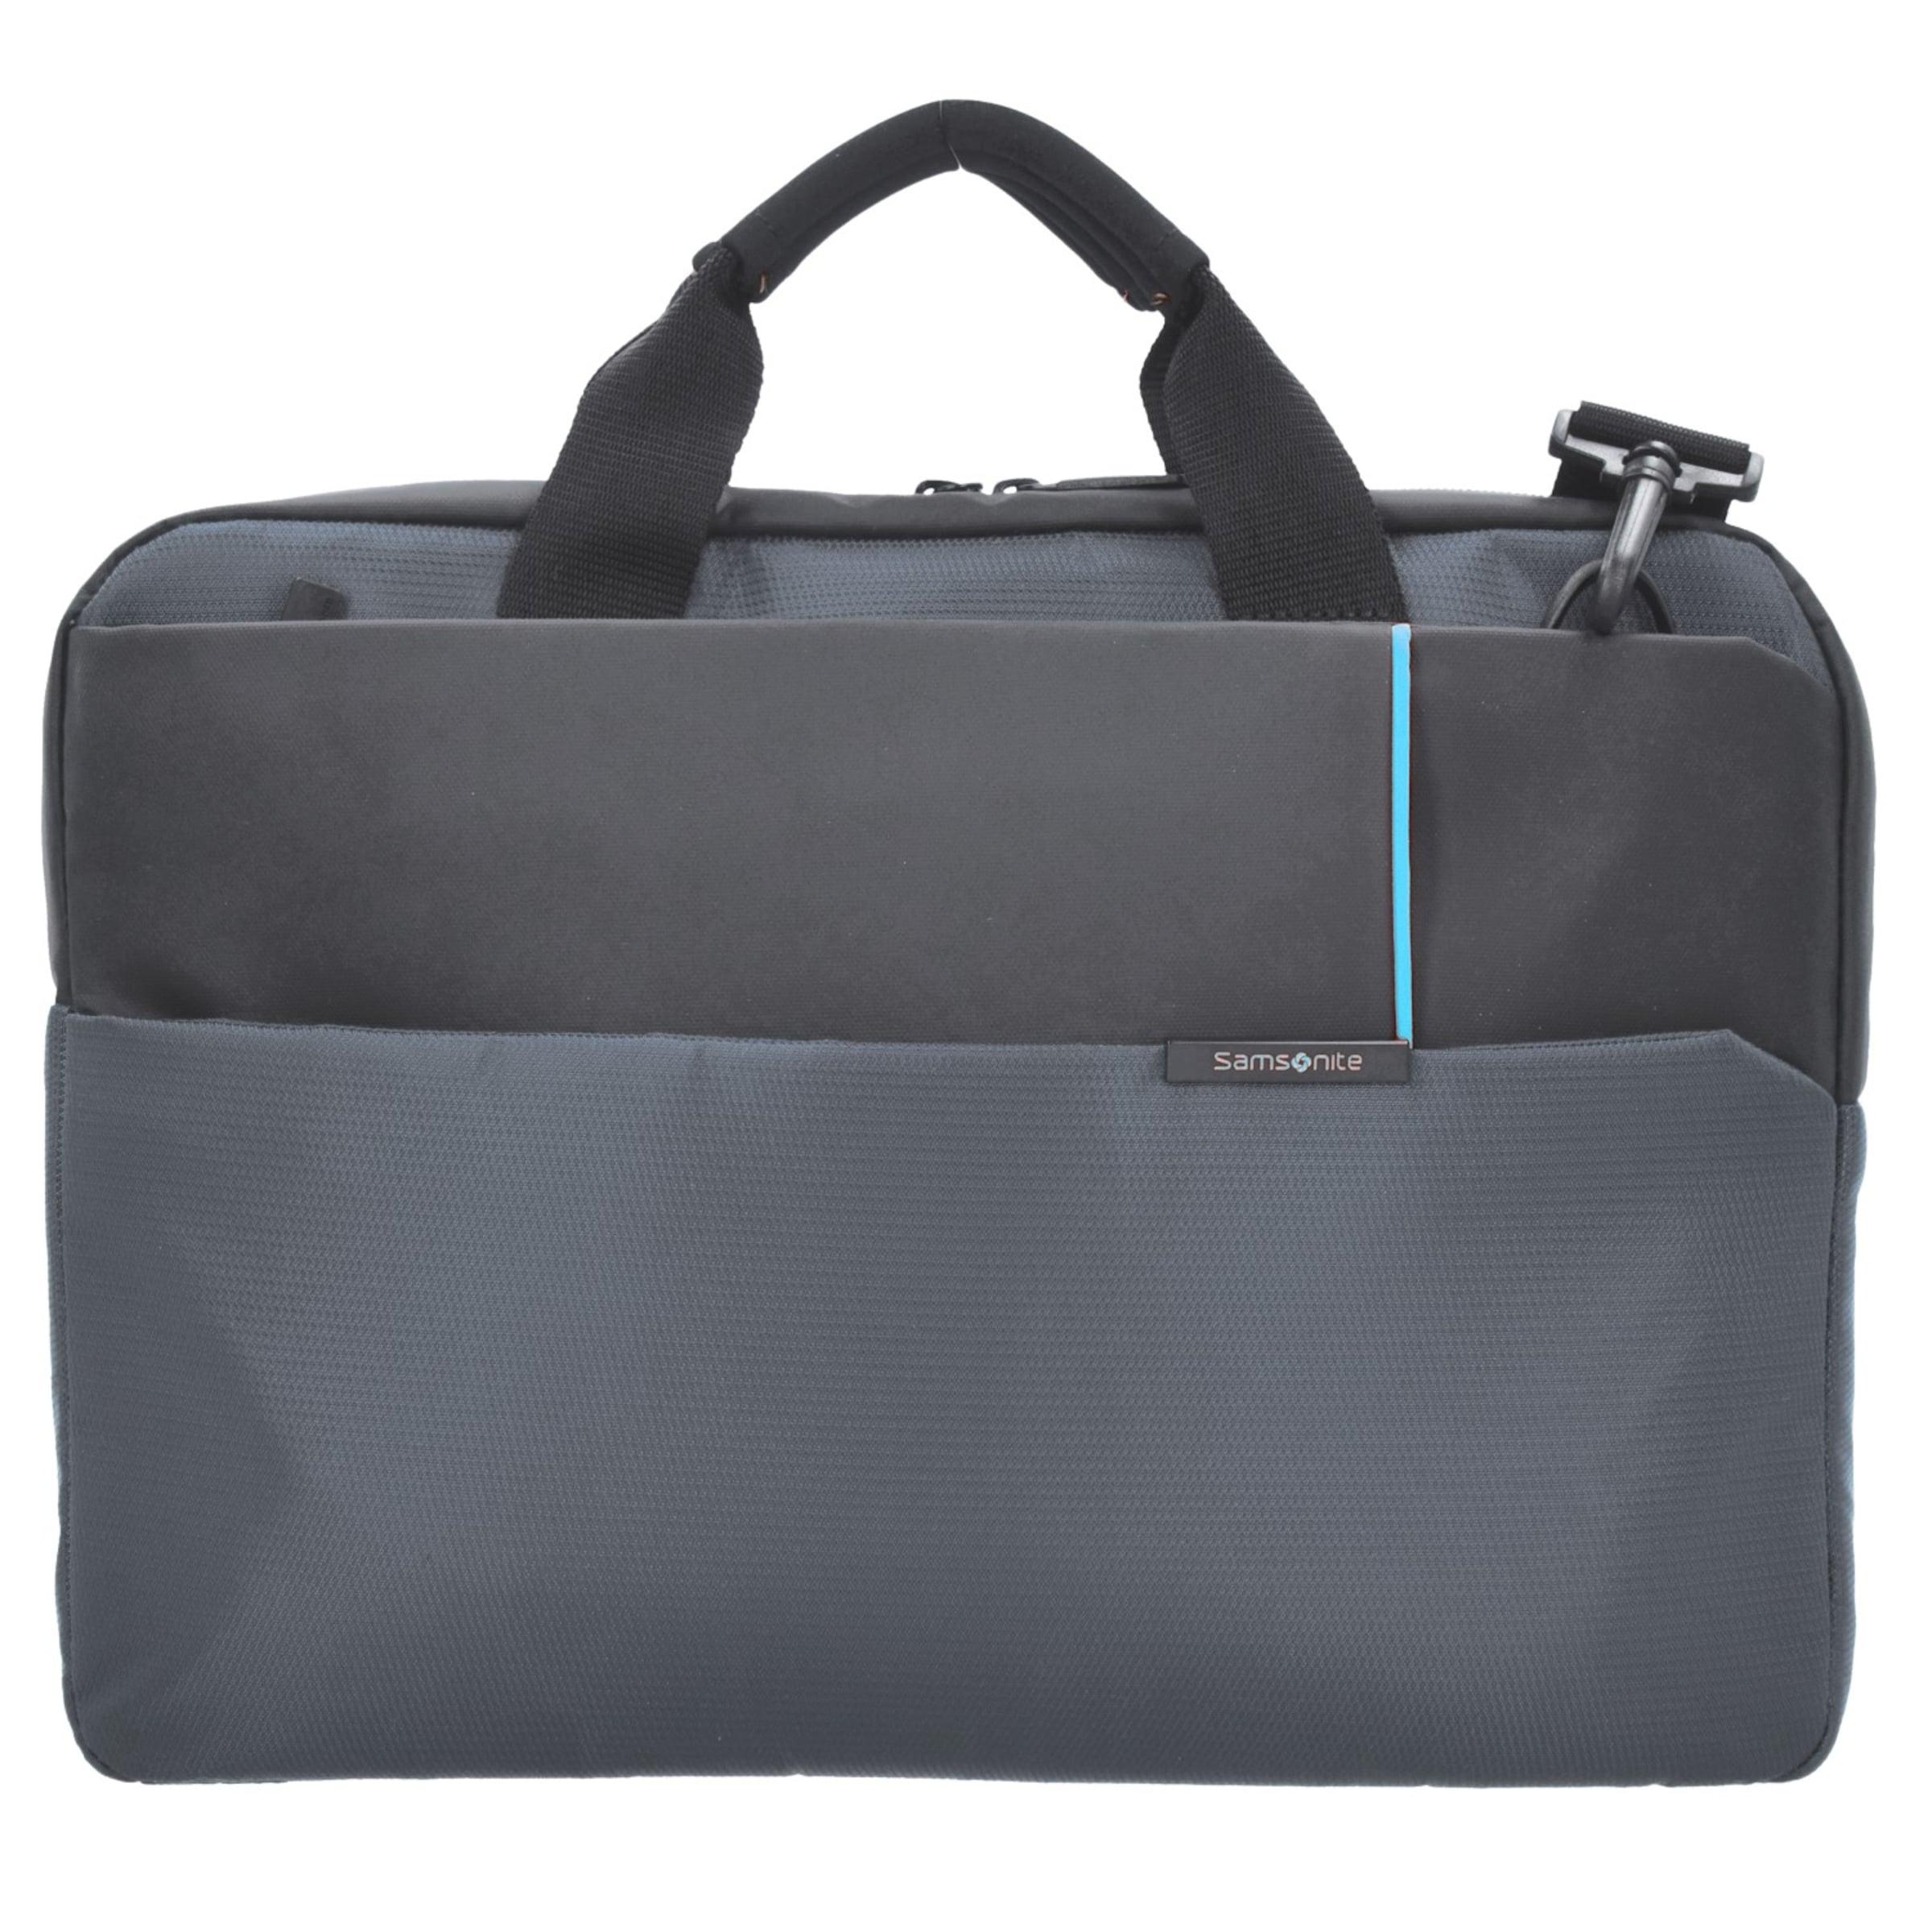 Erkunden Online SAMSONITE Qibyte Businesstasche 38 cm Laptopfach Günstige Verkaufspreise Sie Günstig Online Zahlen Mit Paypal Günstigem Preis wxbAhiP